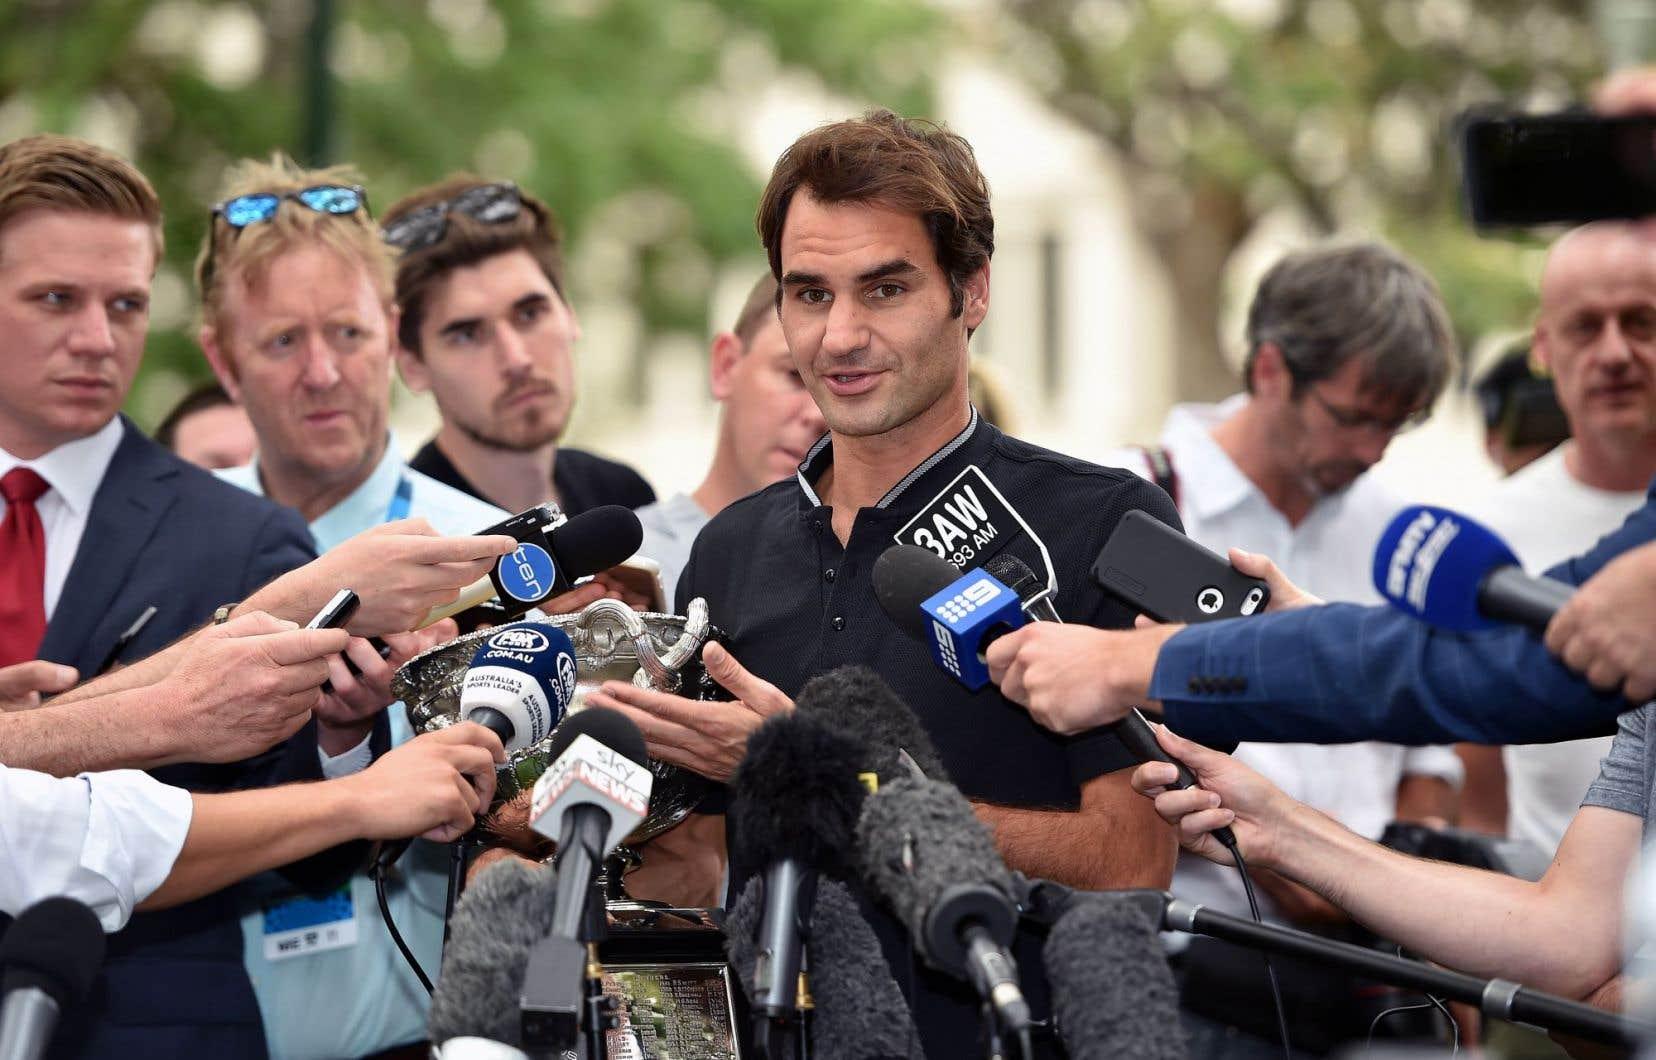 Roger Federer a grimpé lundi de sept places au 10erang mondial, selon le classement de l'ATP publié au lendemain de sa victoire en Australie.